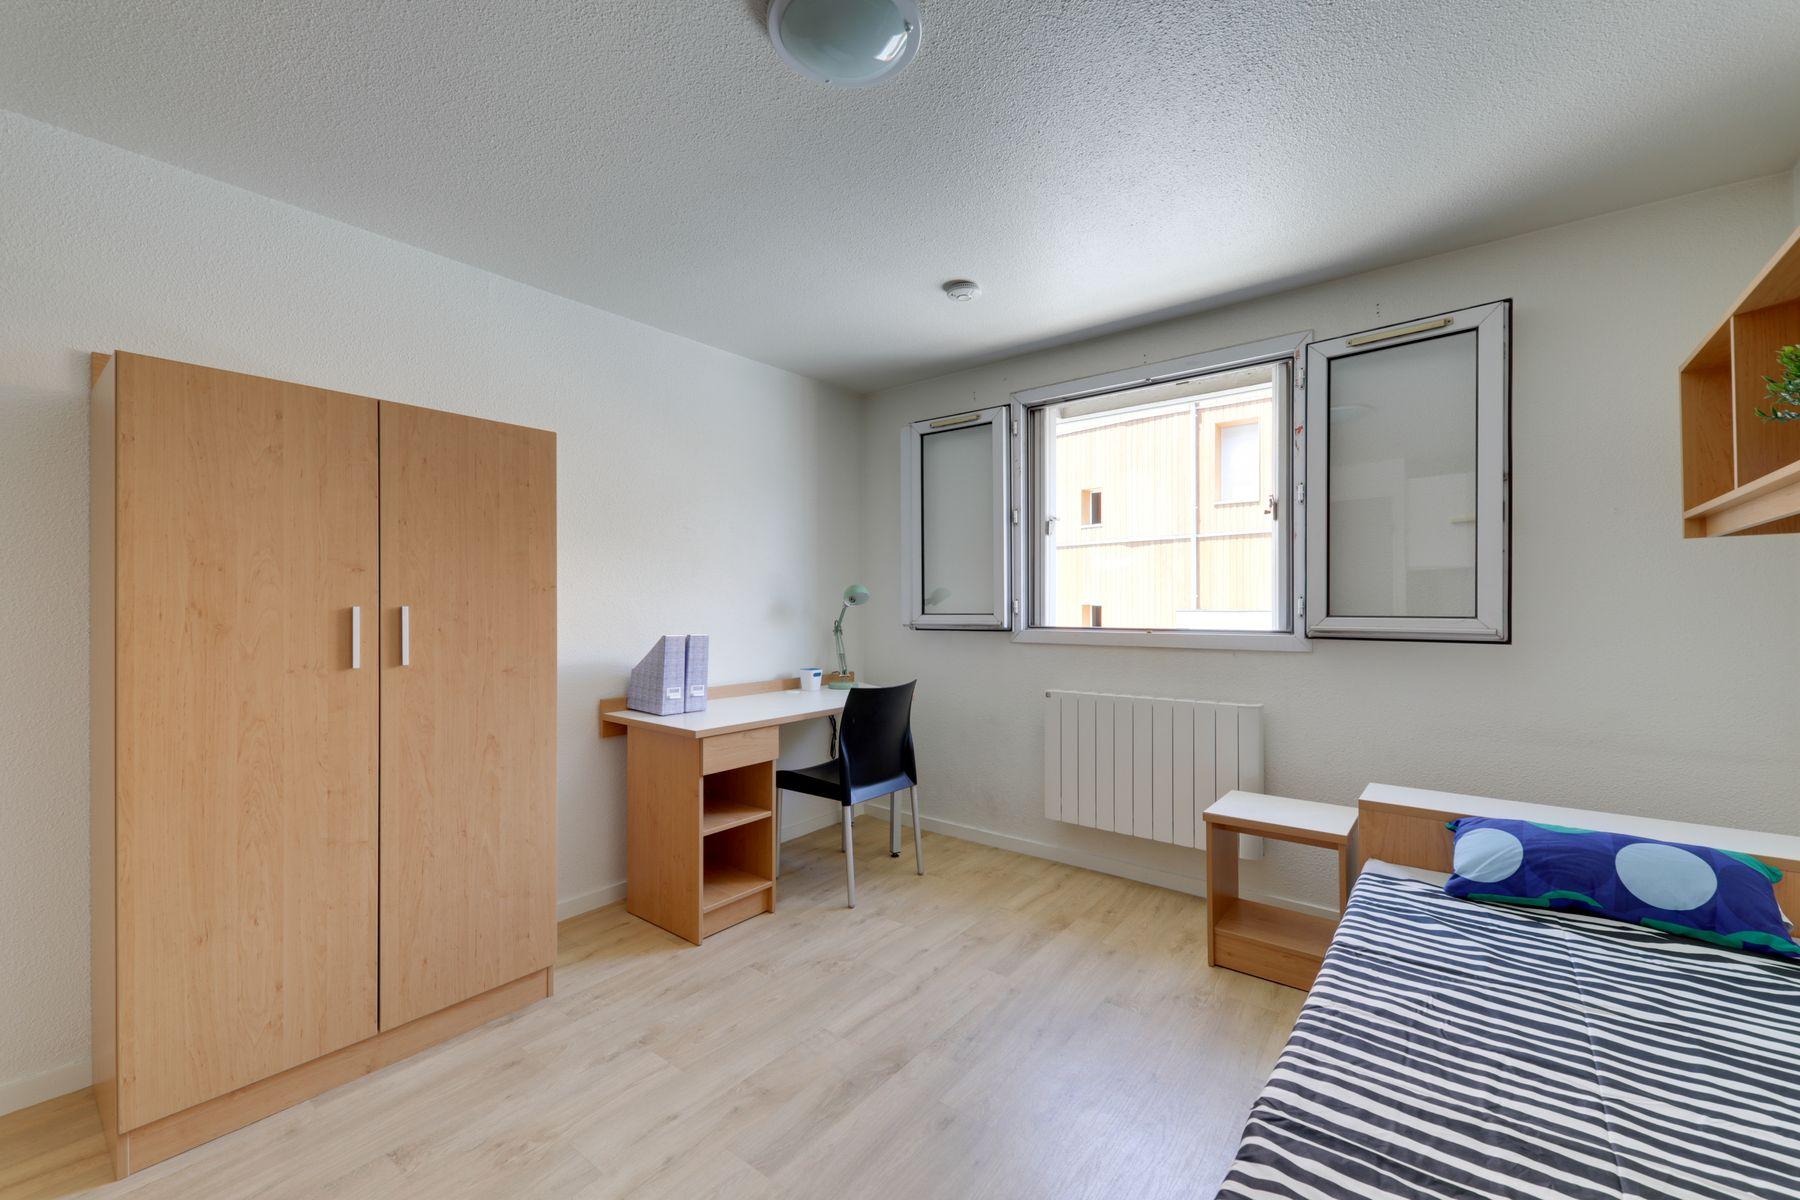 LOGIFAC résidence étudiante Anthoard Grenoble lit rangement bureau